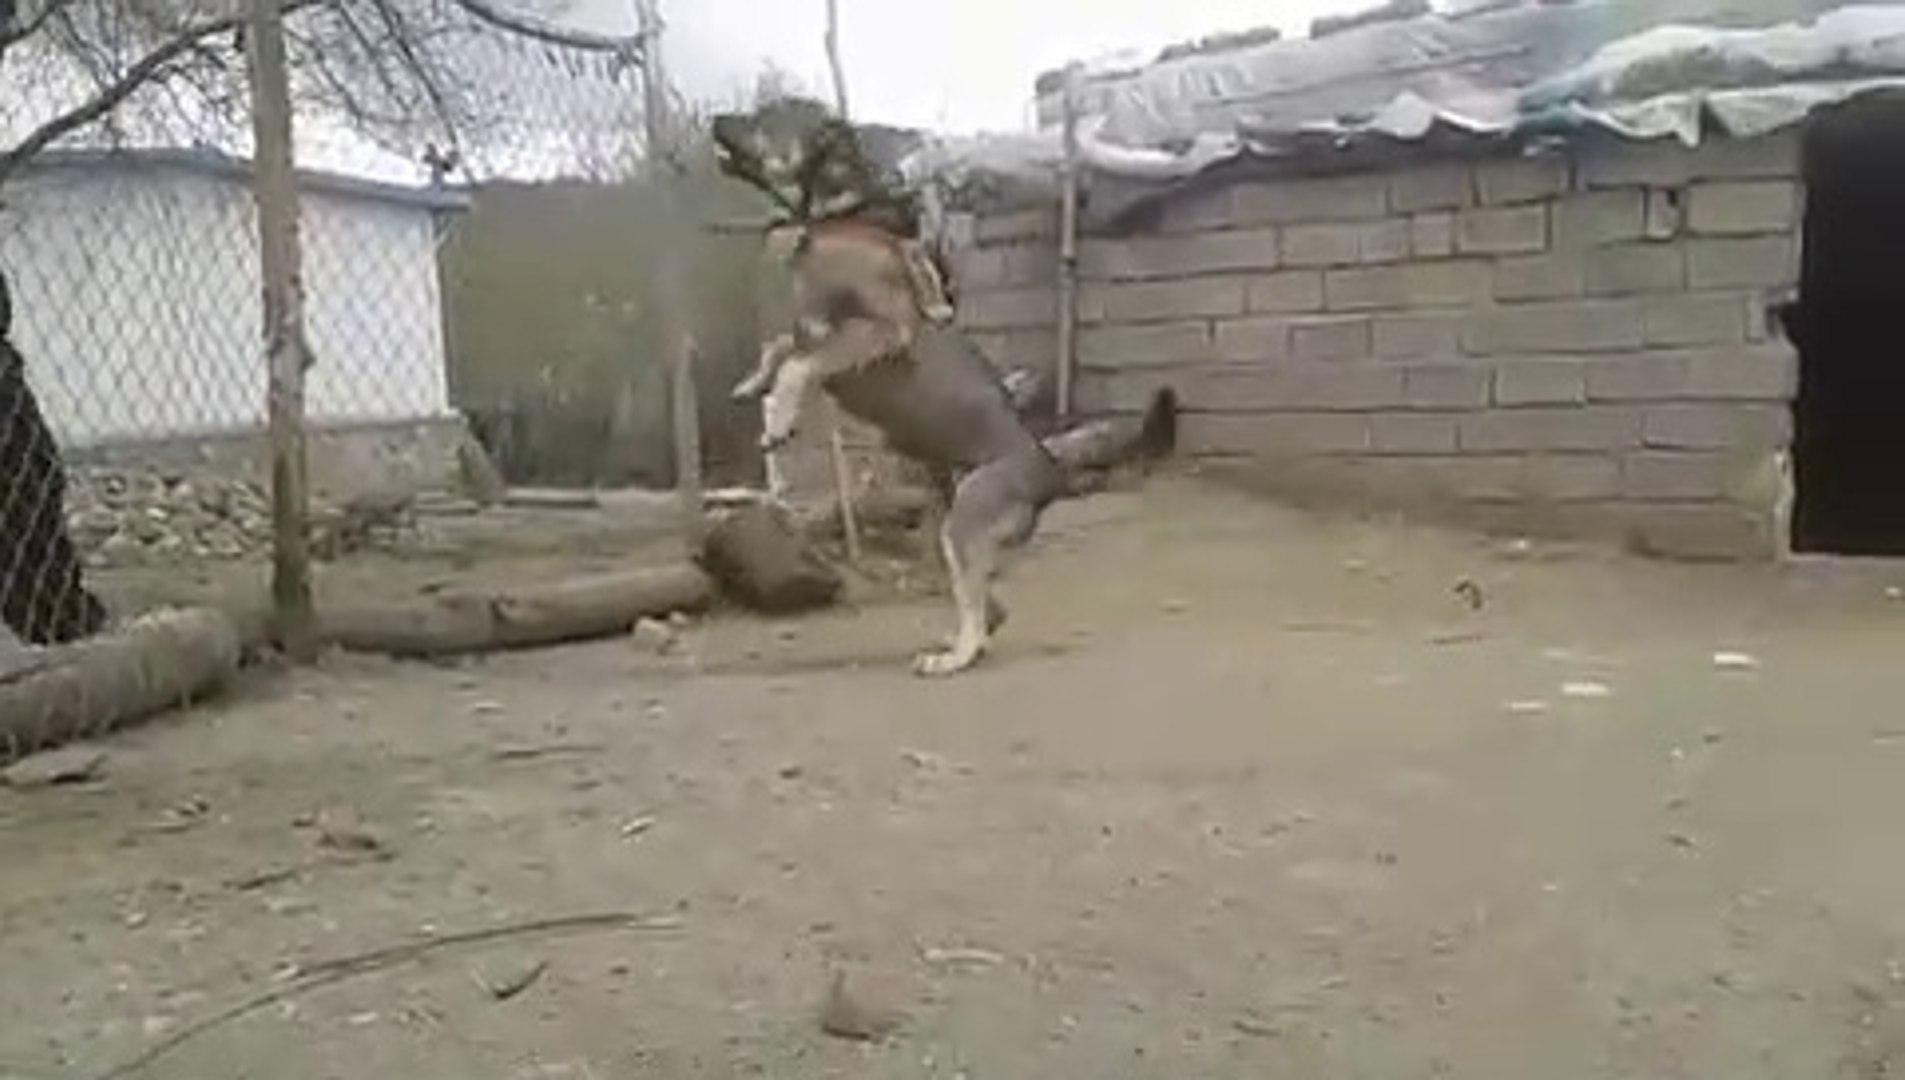 COBAN KOPEGiNi DELiRTiRCESiNE KIZDIRMAK - ANGRY SHEPHERD DOG